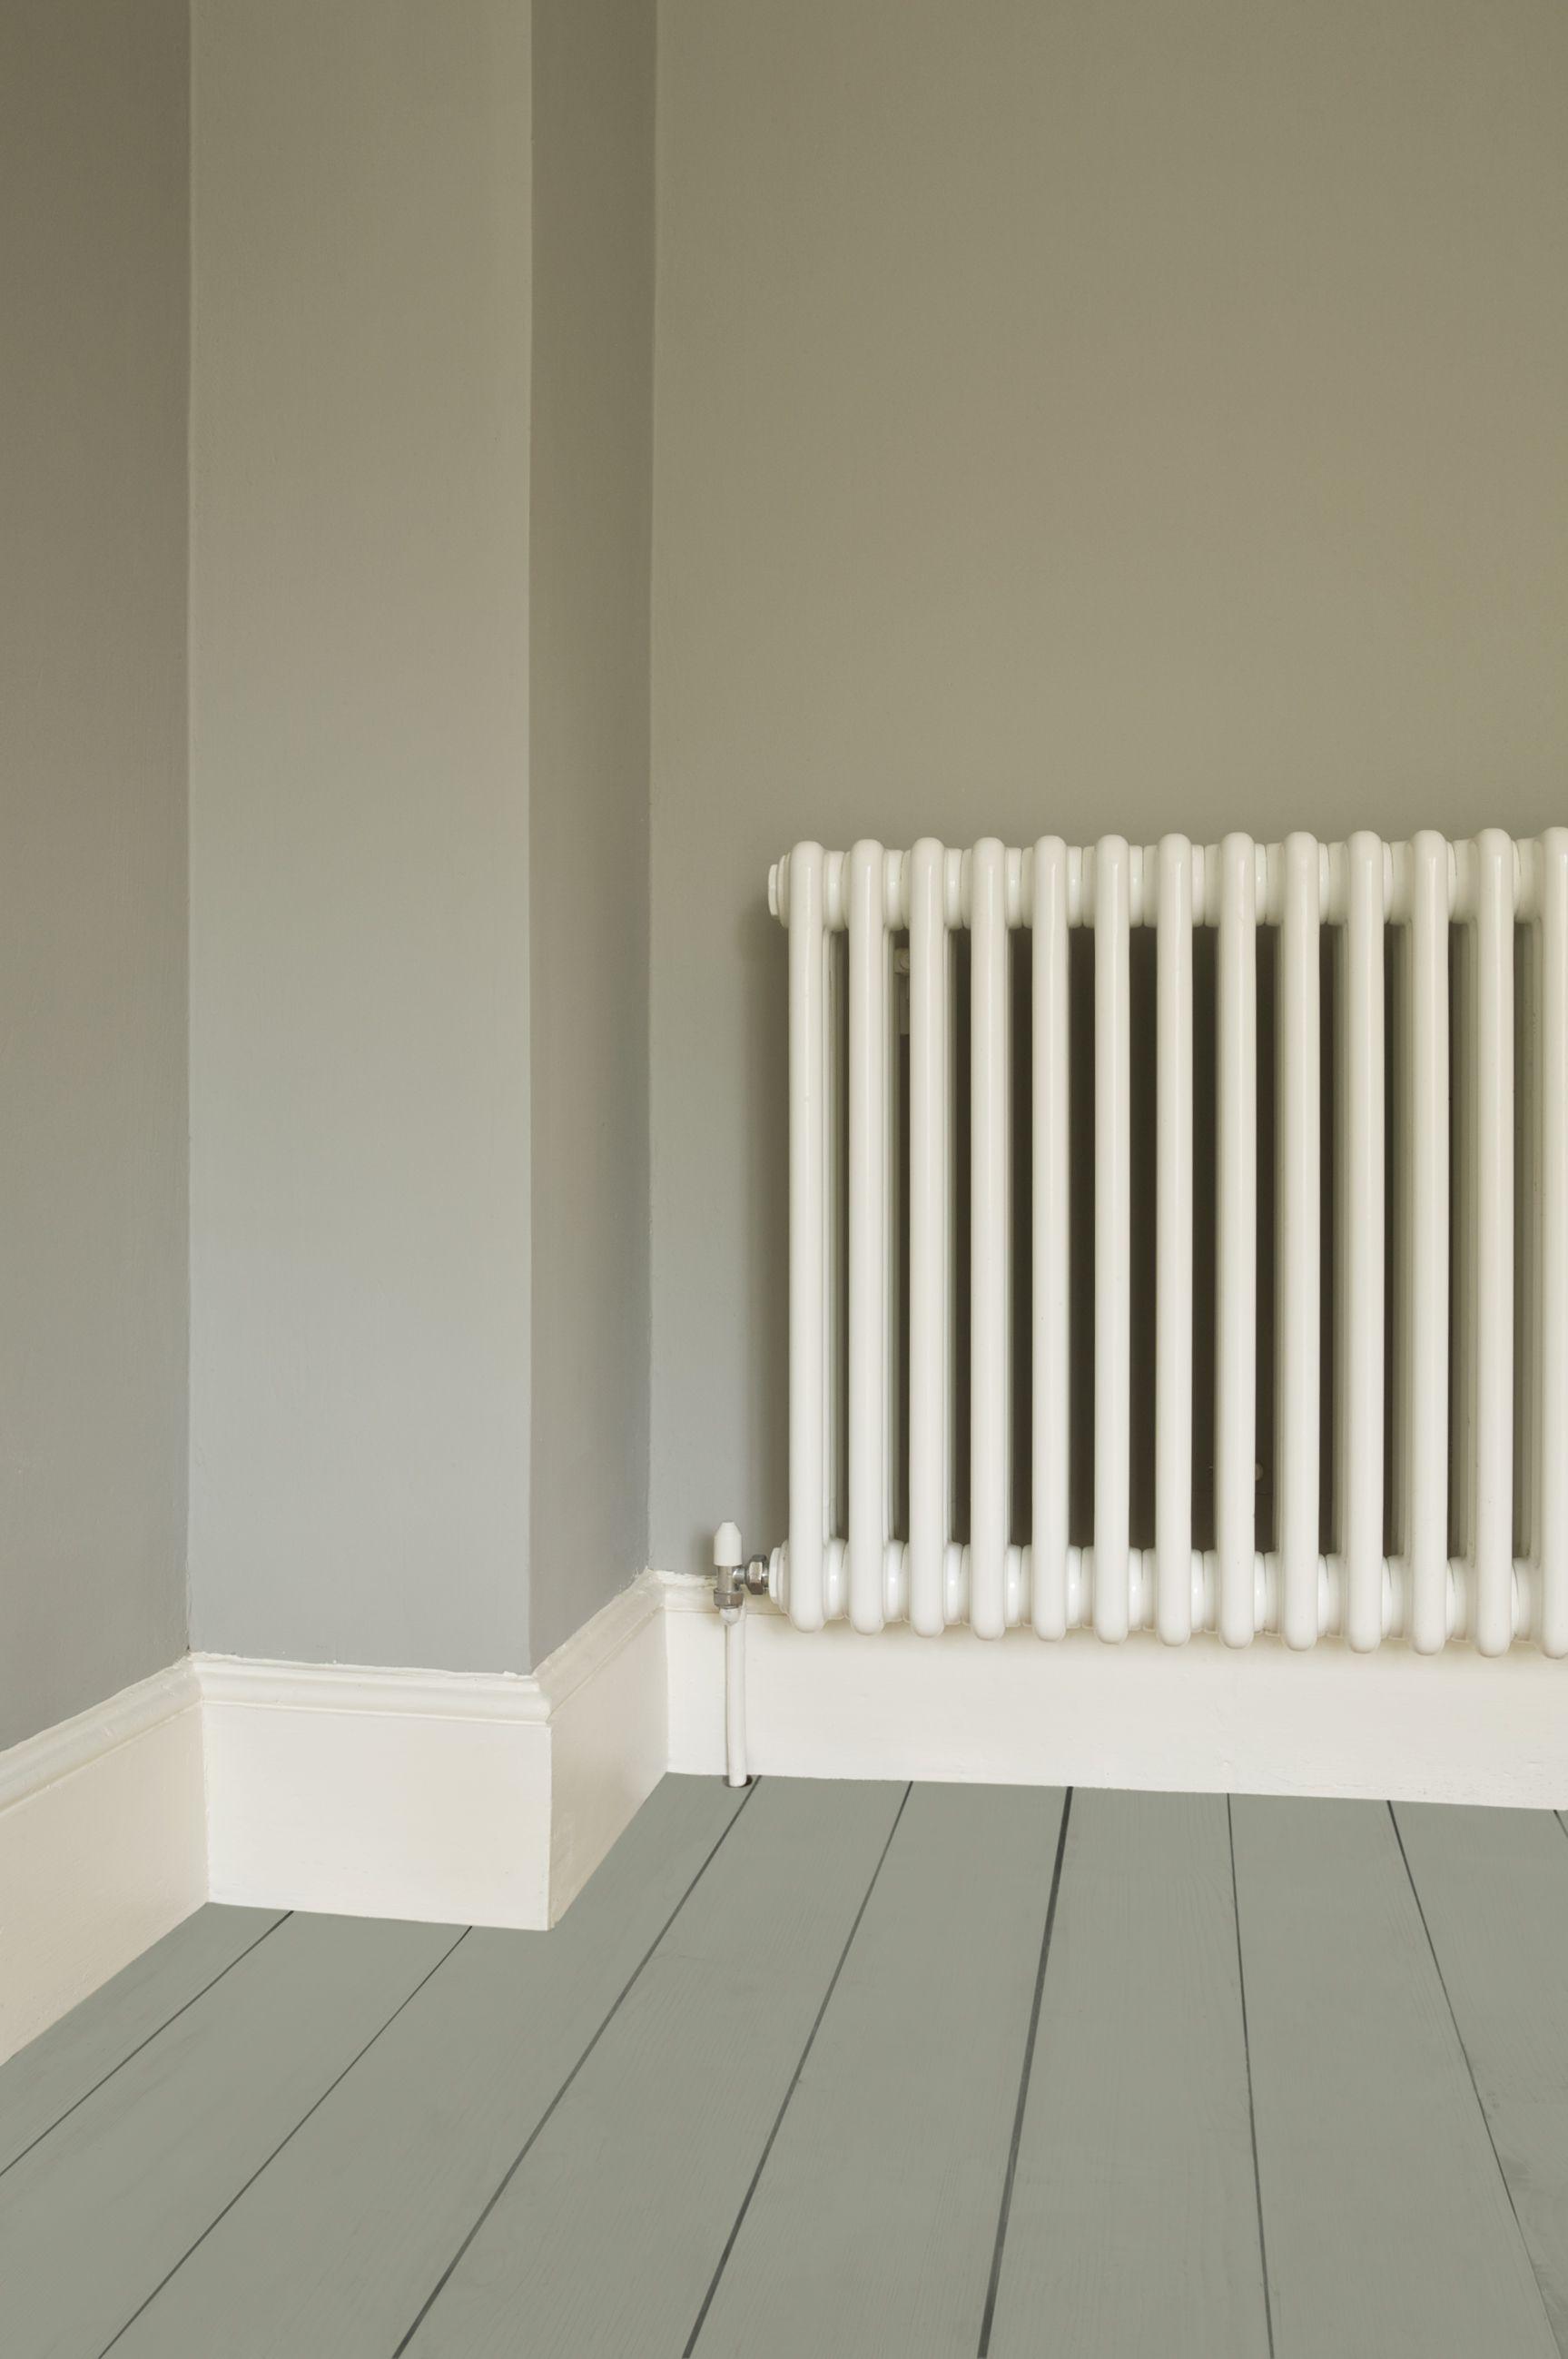 Walls In Farrow Ball Lamp Room Gray Estate Emulsion Floor Pigeon Paint And Radiator Wimborne Eggshell White